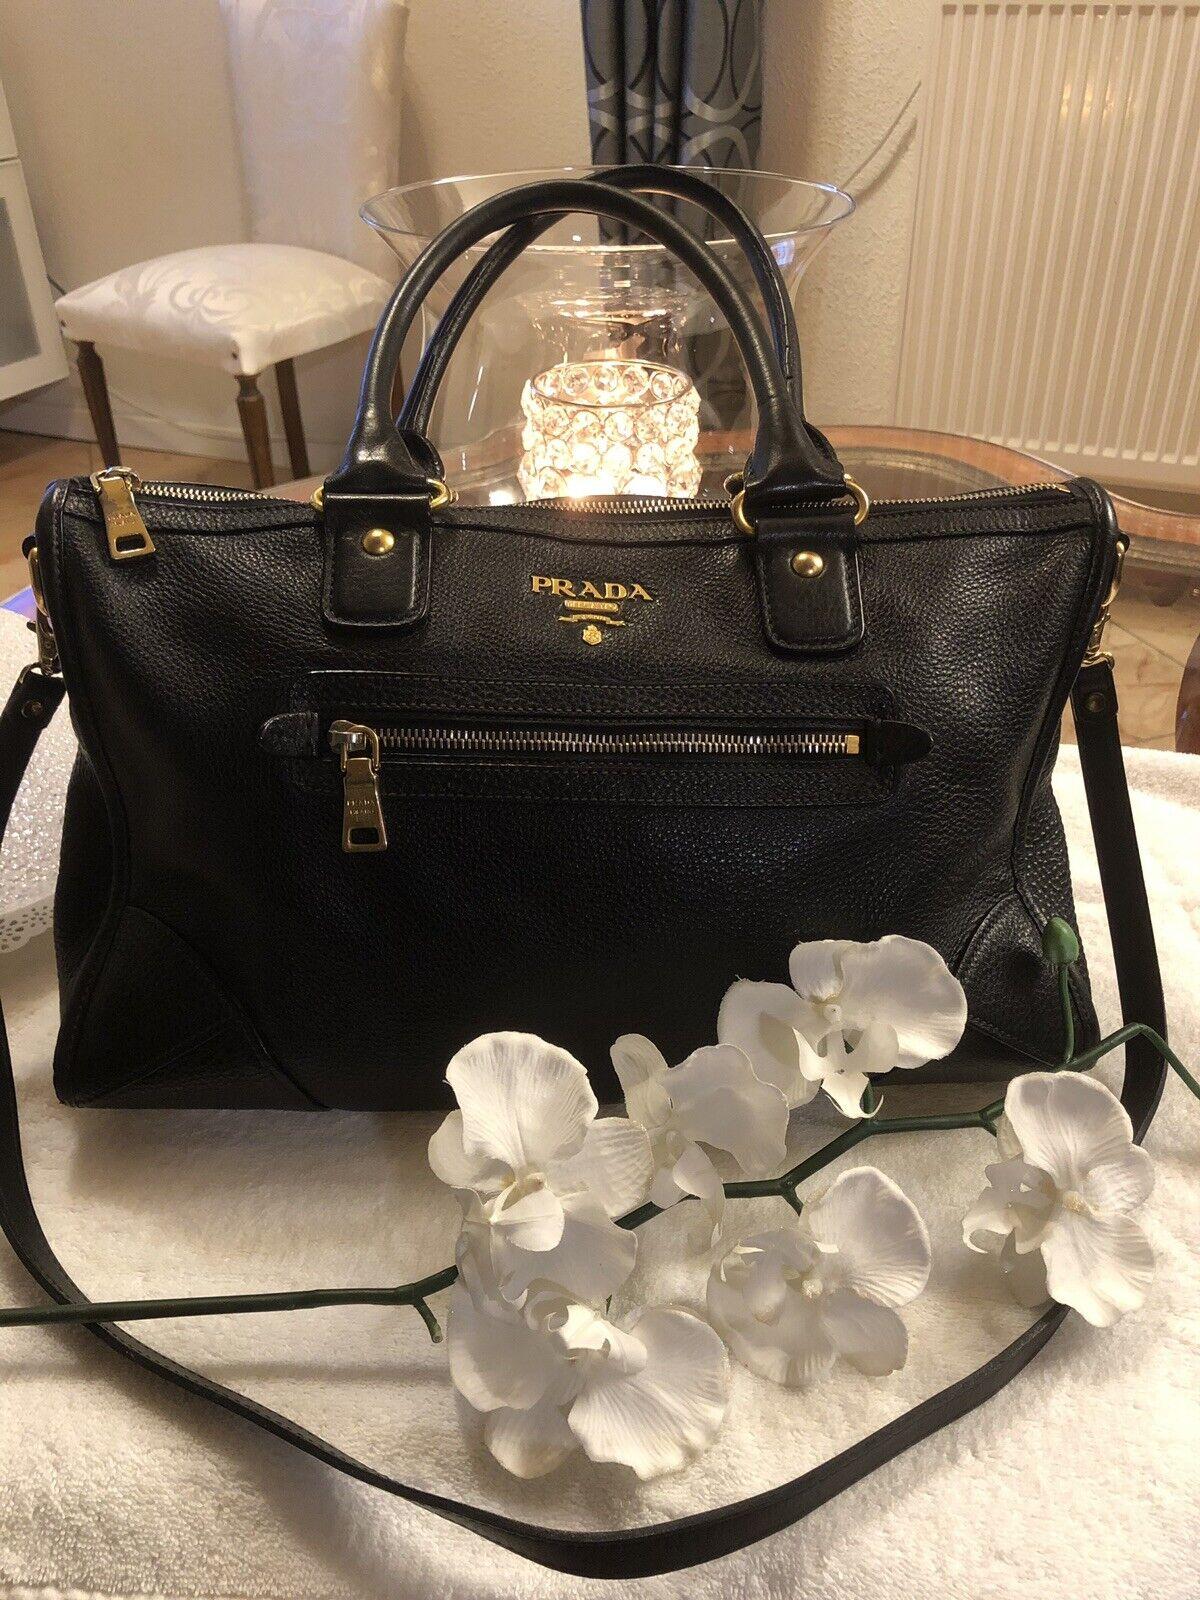 f9575bb2c1203 Original Luxus Prada Prada Prada Hand- und Umhängetasche Schwarz Gold 22ad61